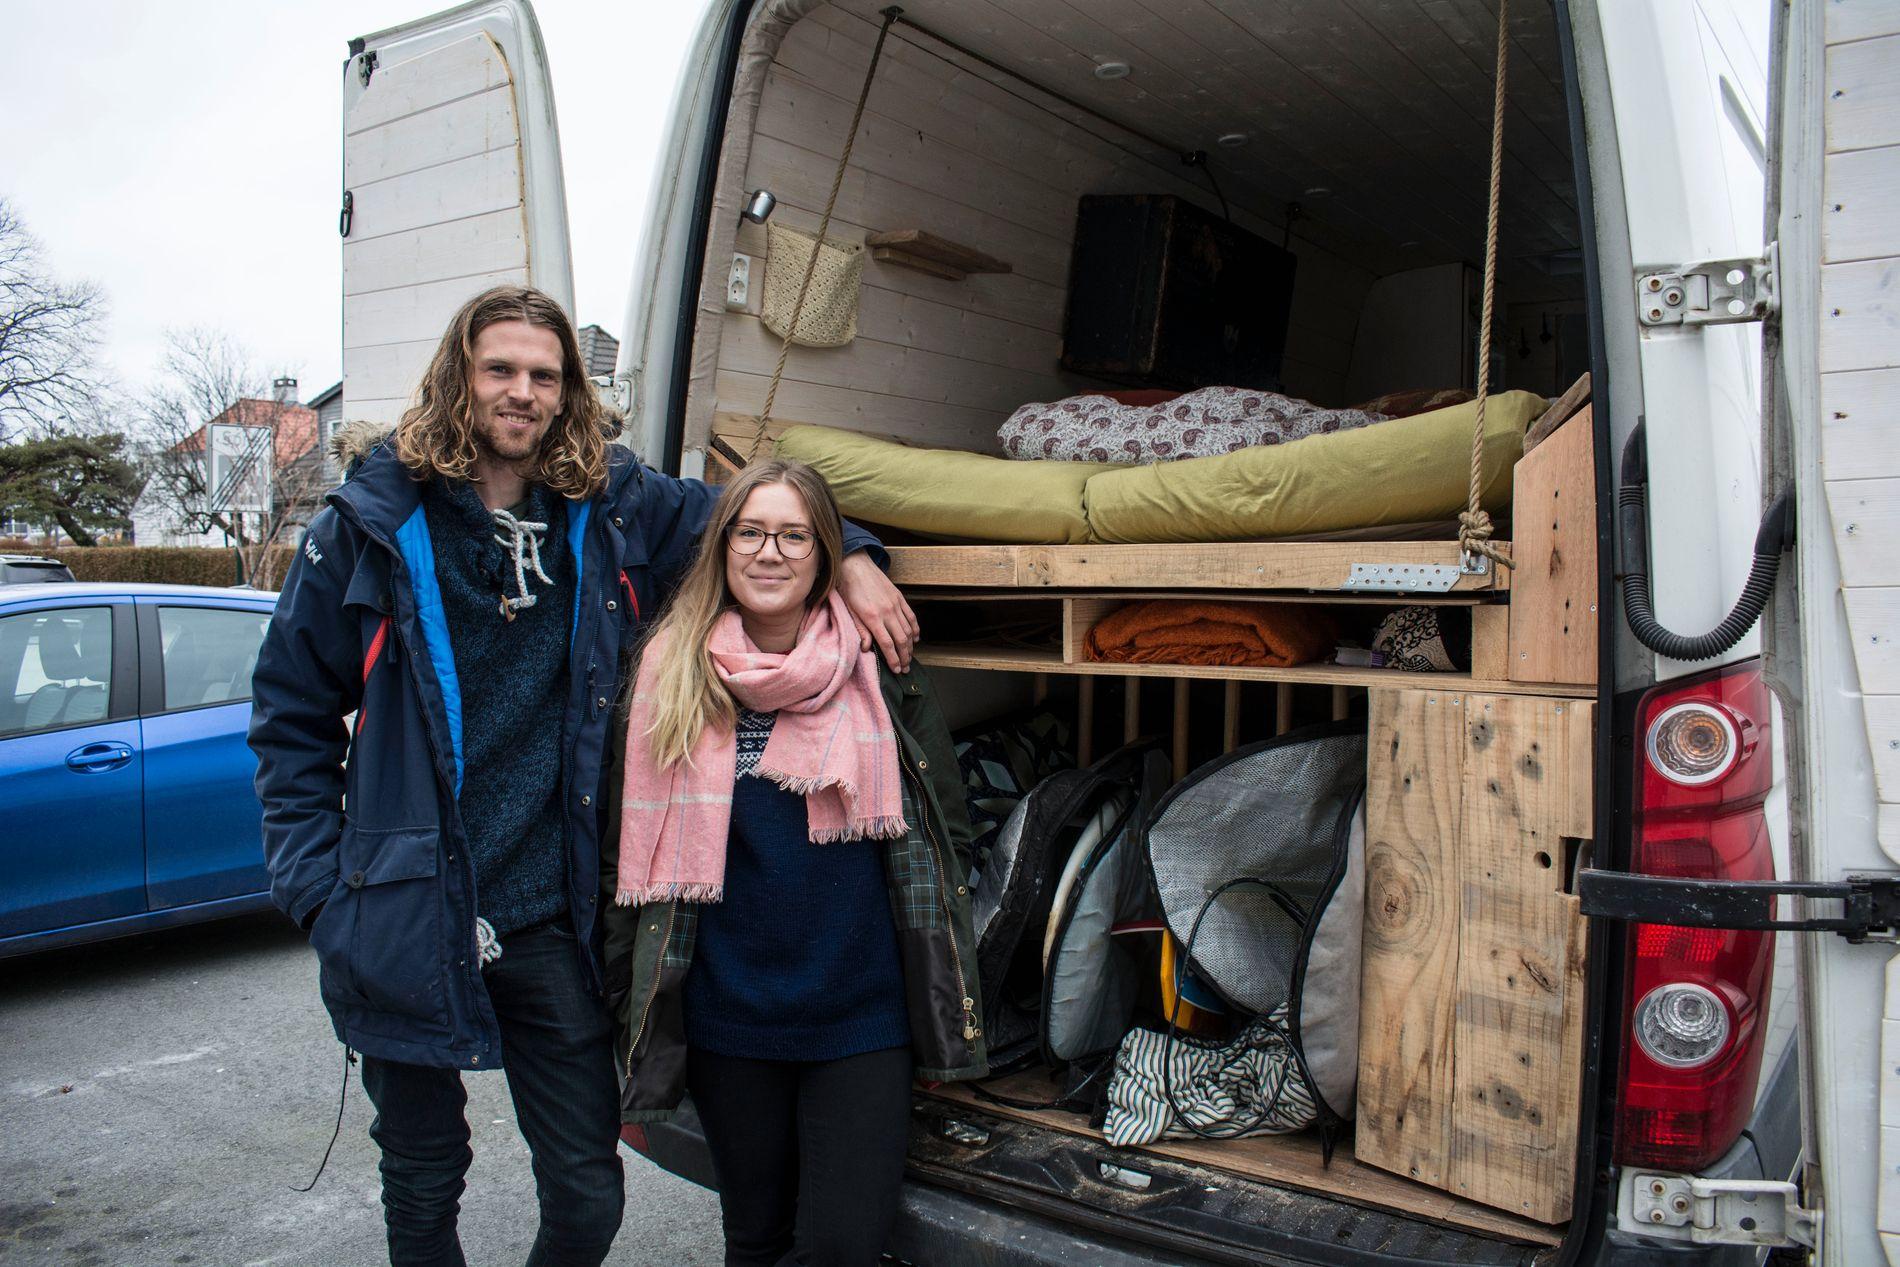 bygge om varebil til campingbil